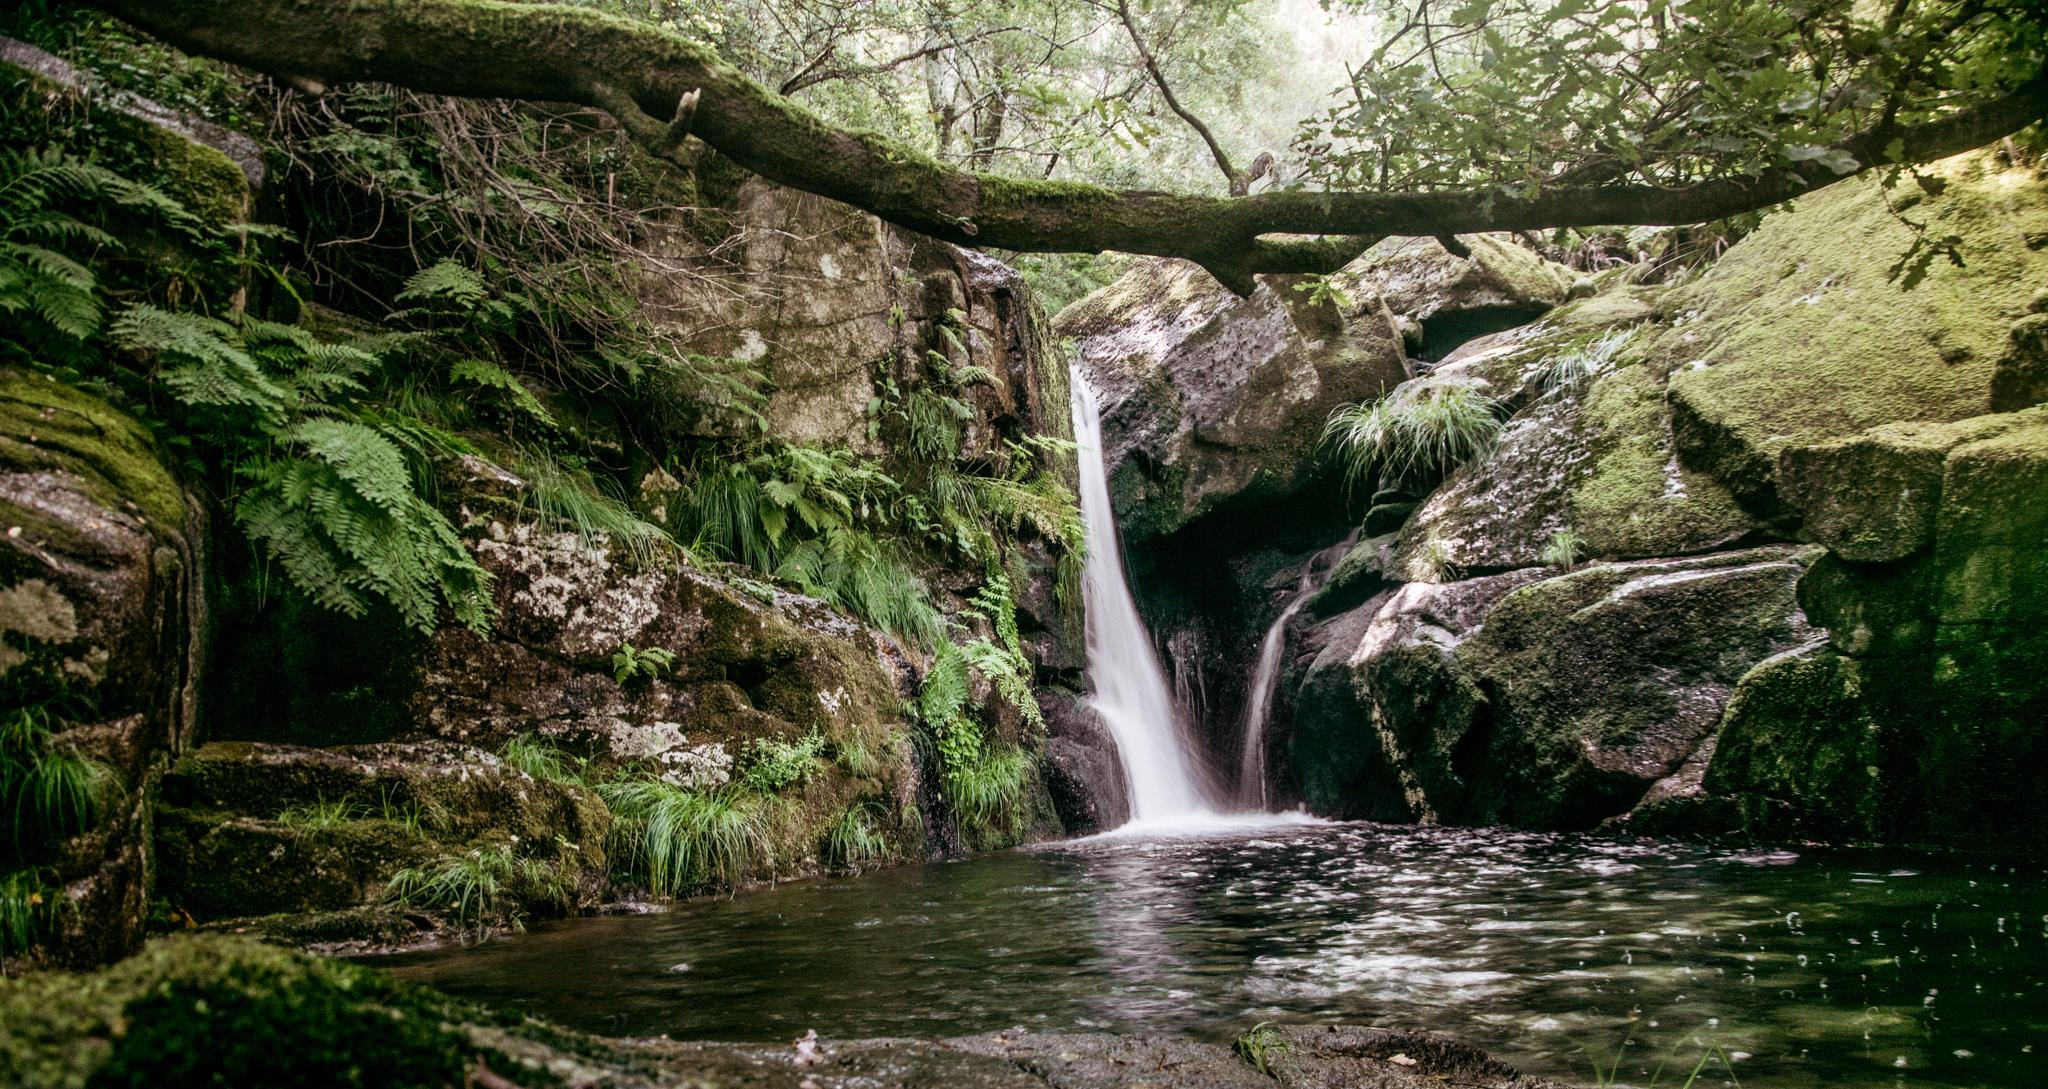 Piscinas naturais em Portugal para mergulhar na natureza